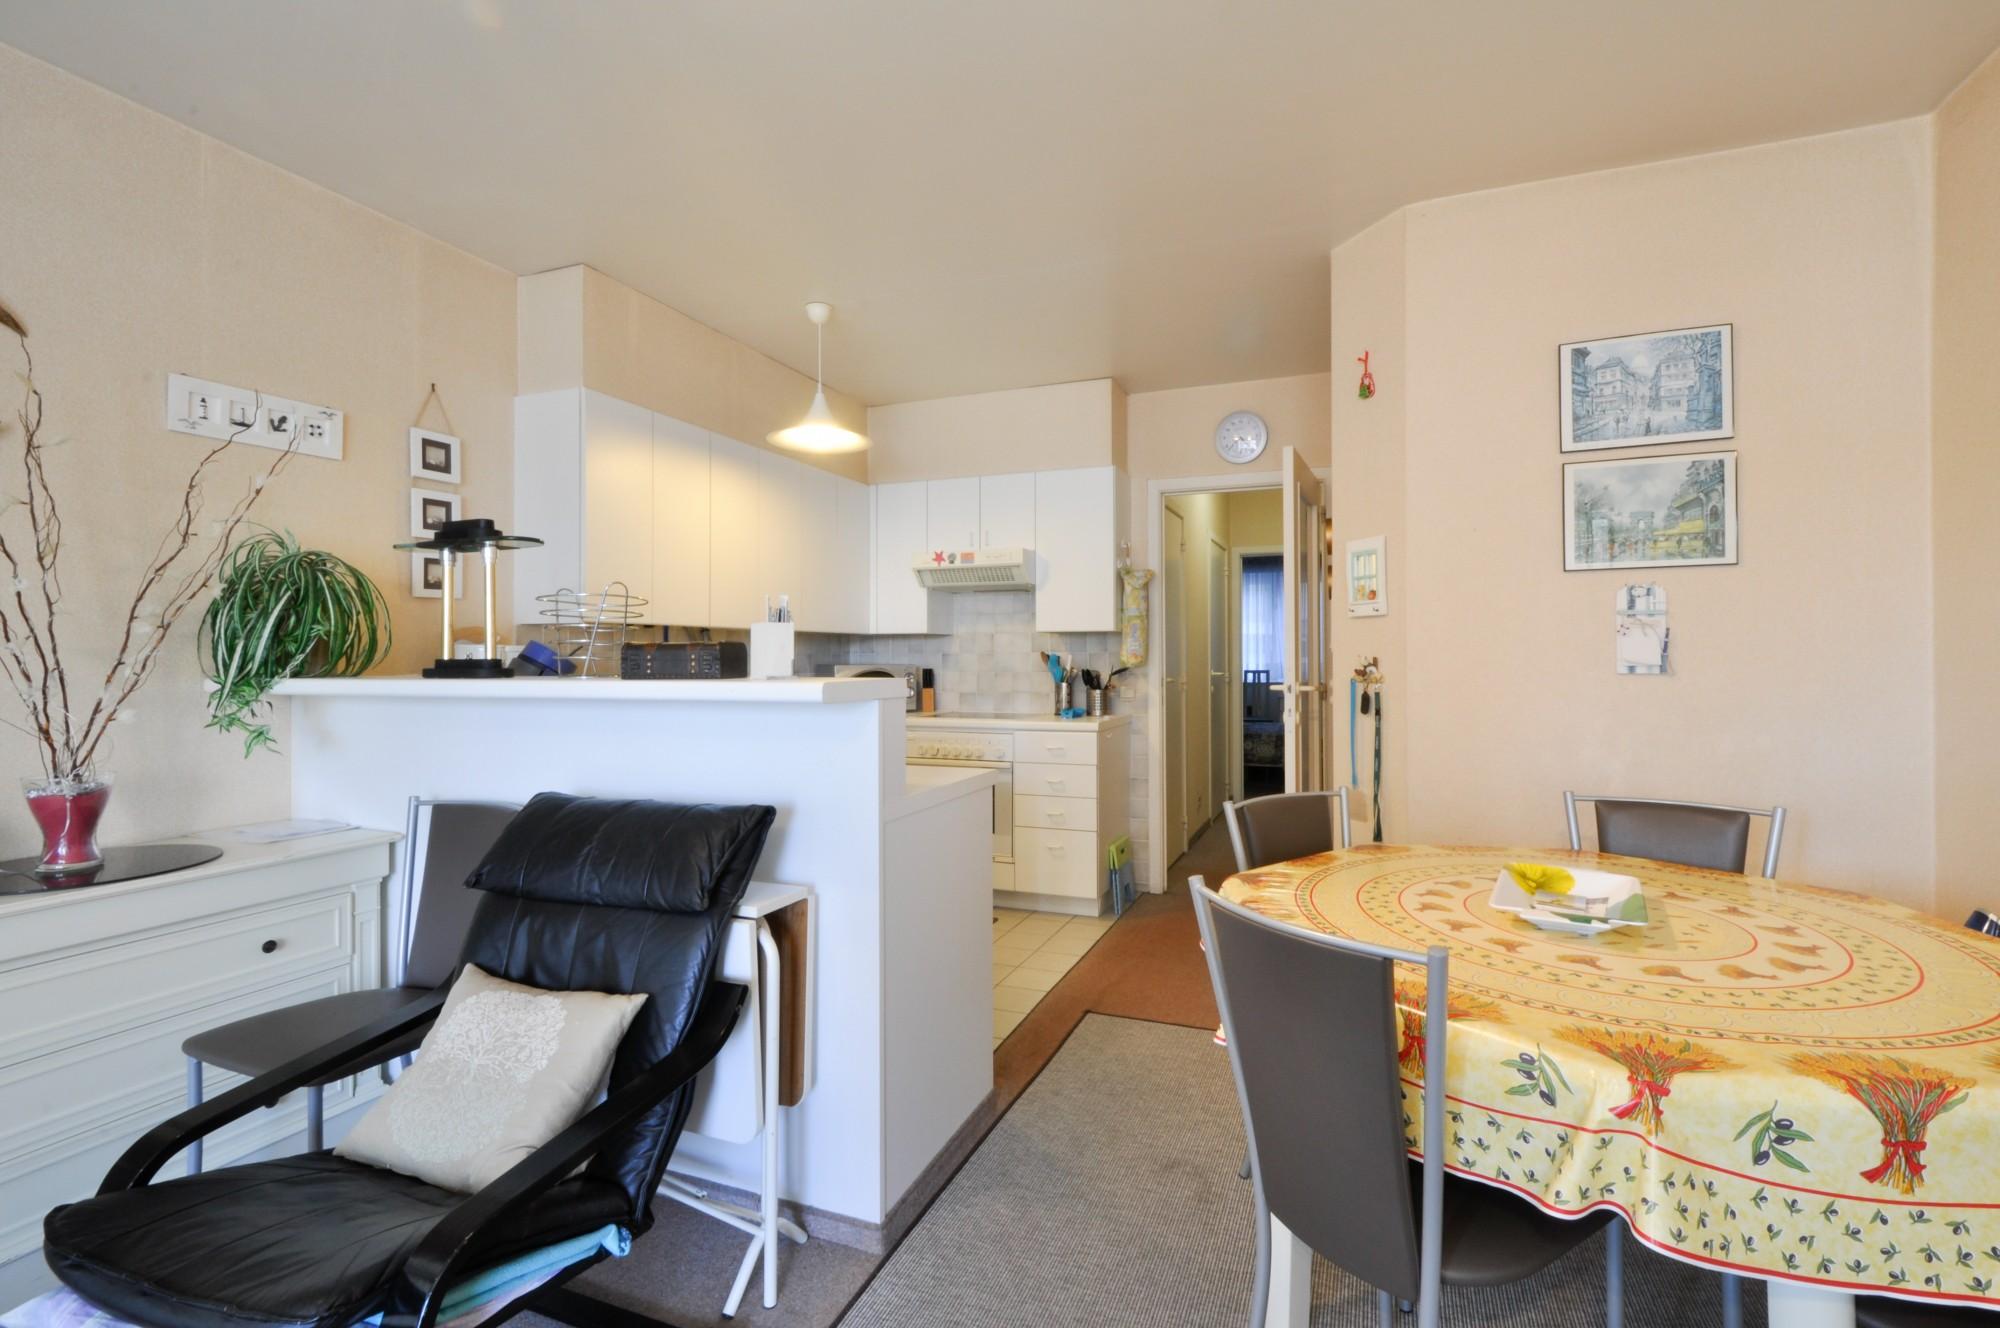 Vente Appartement 1 CH Knokke-Heist - Duinbergen / près de la digue et le Parc 58